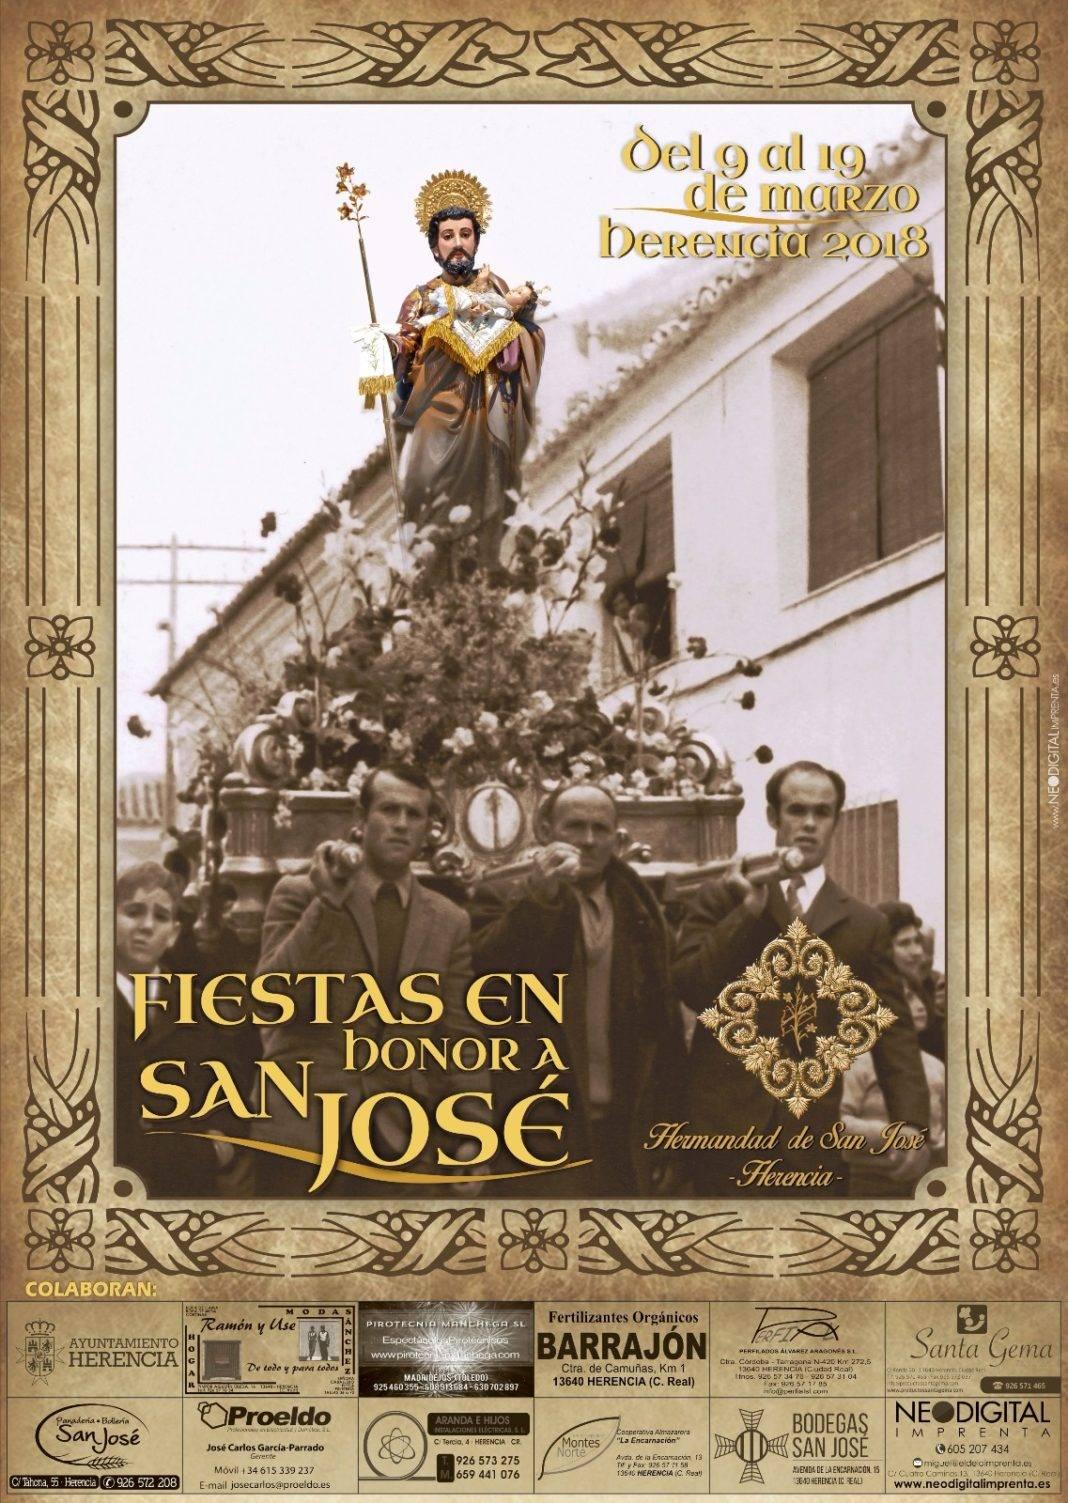 cartel festividad san jose herencia 2018 1068x1503 - Programa de actos con motivo de la festividad de San José